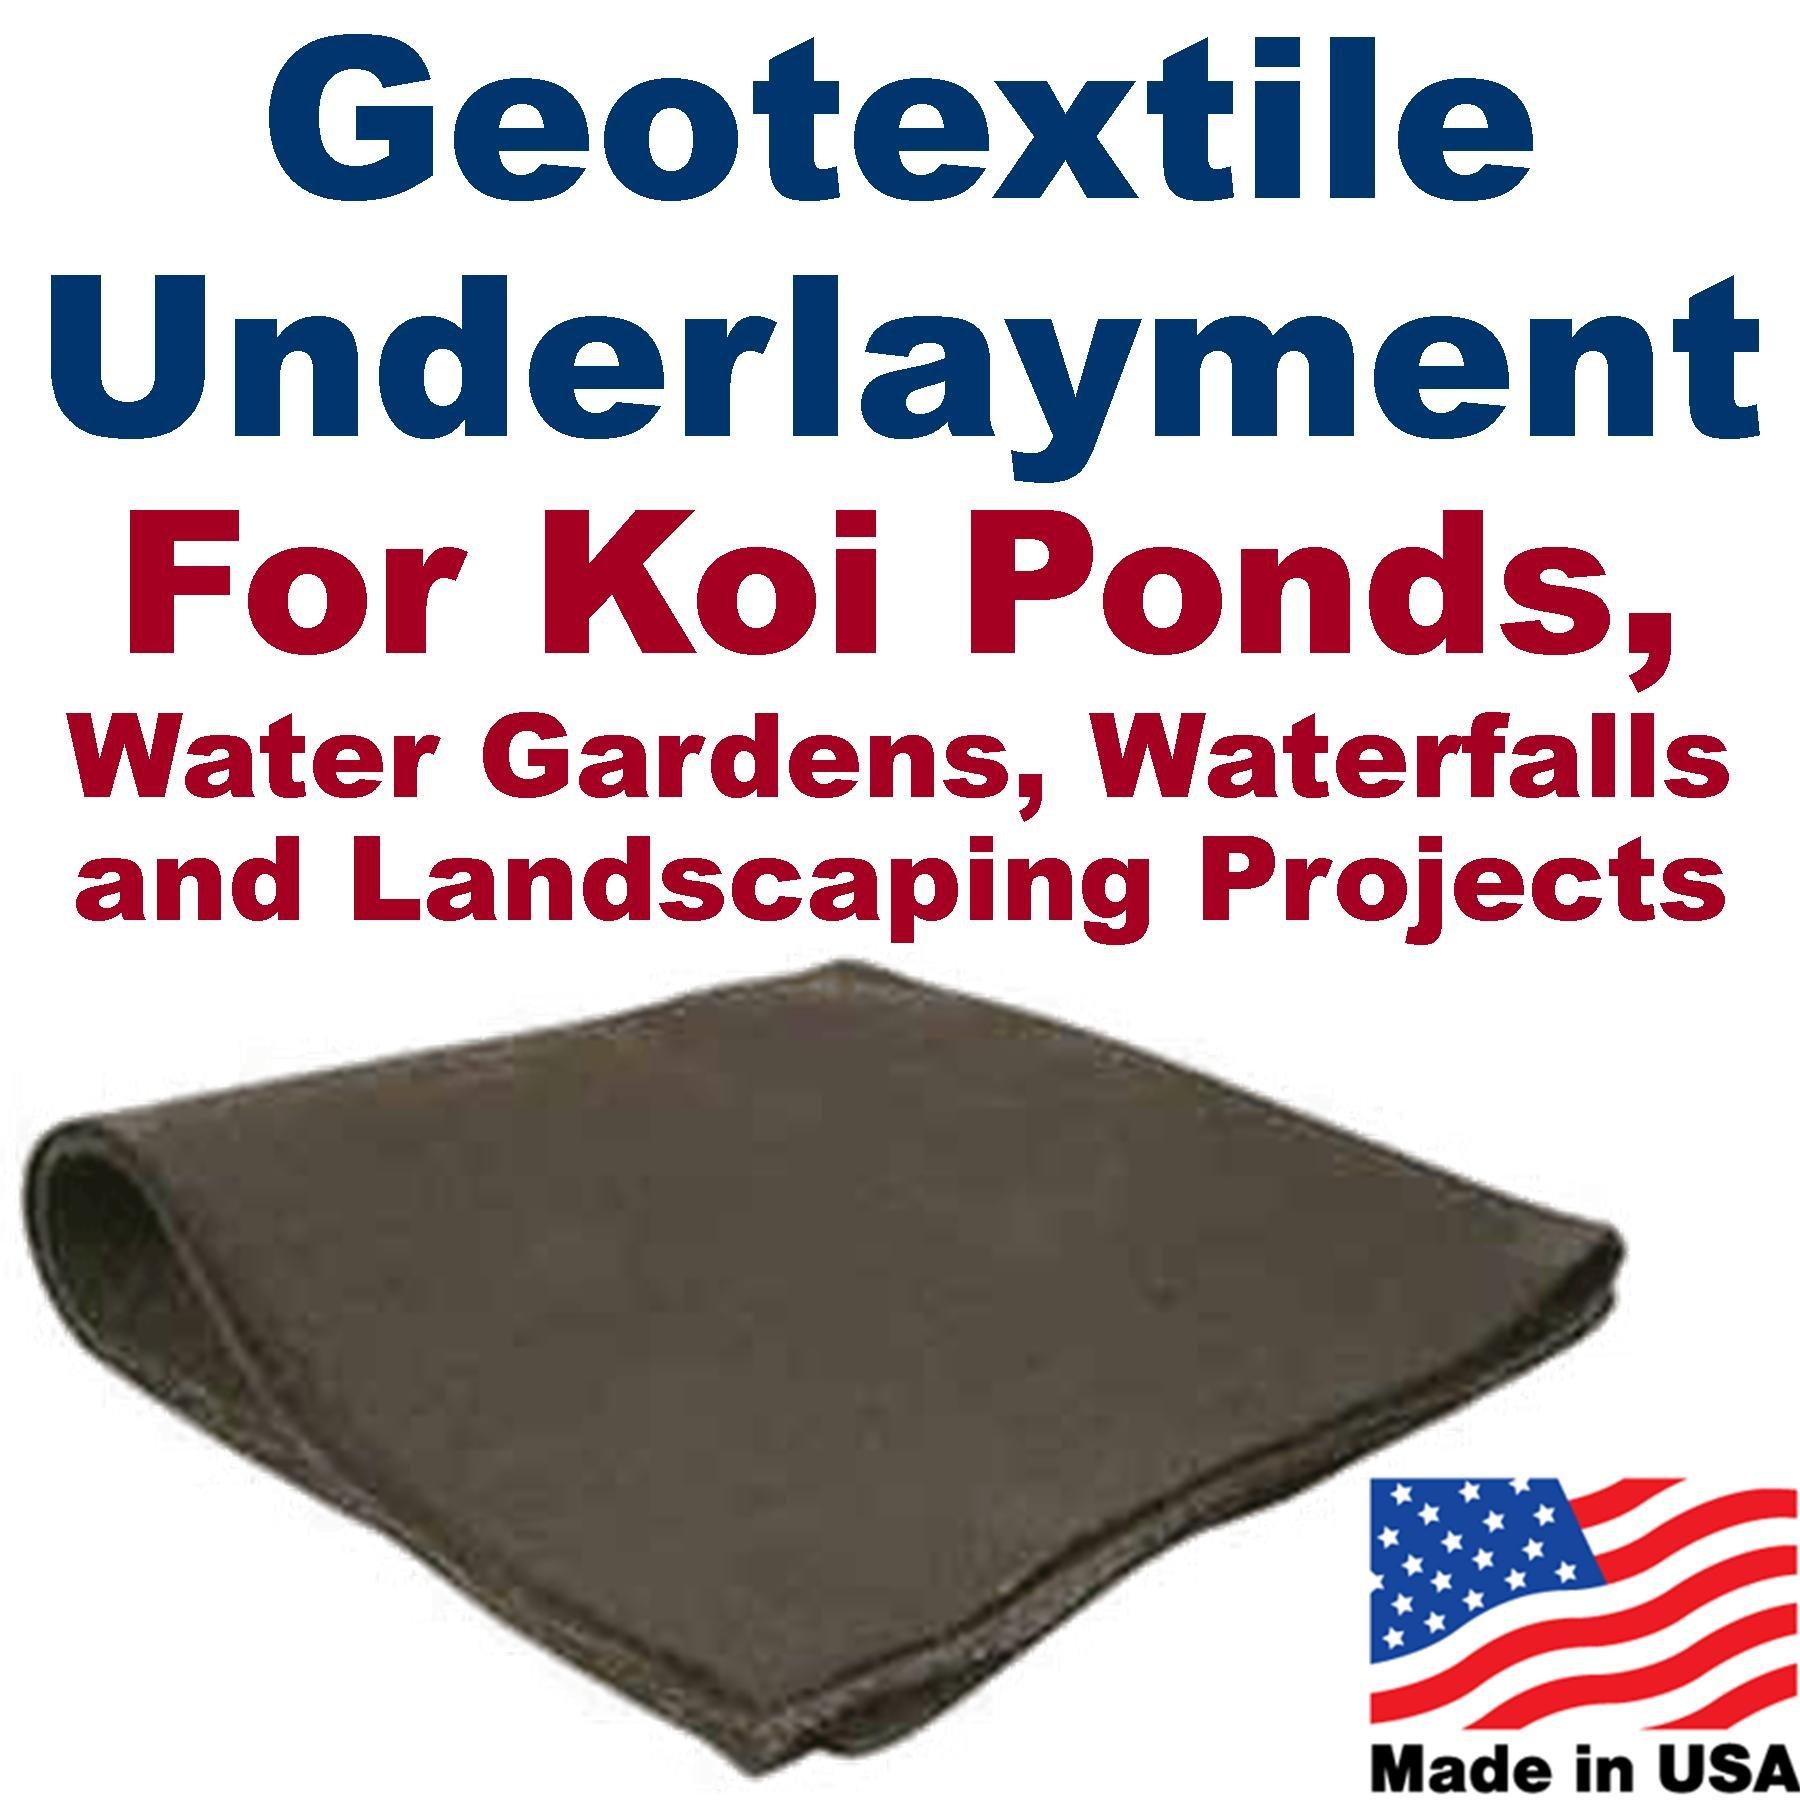 20' x 30' Geotextile Underlayment & Landscape Fabric